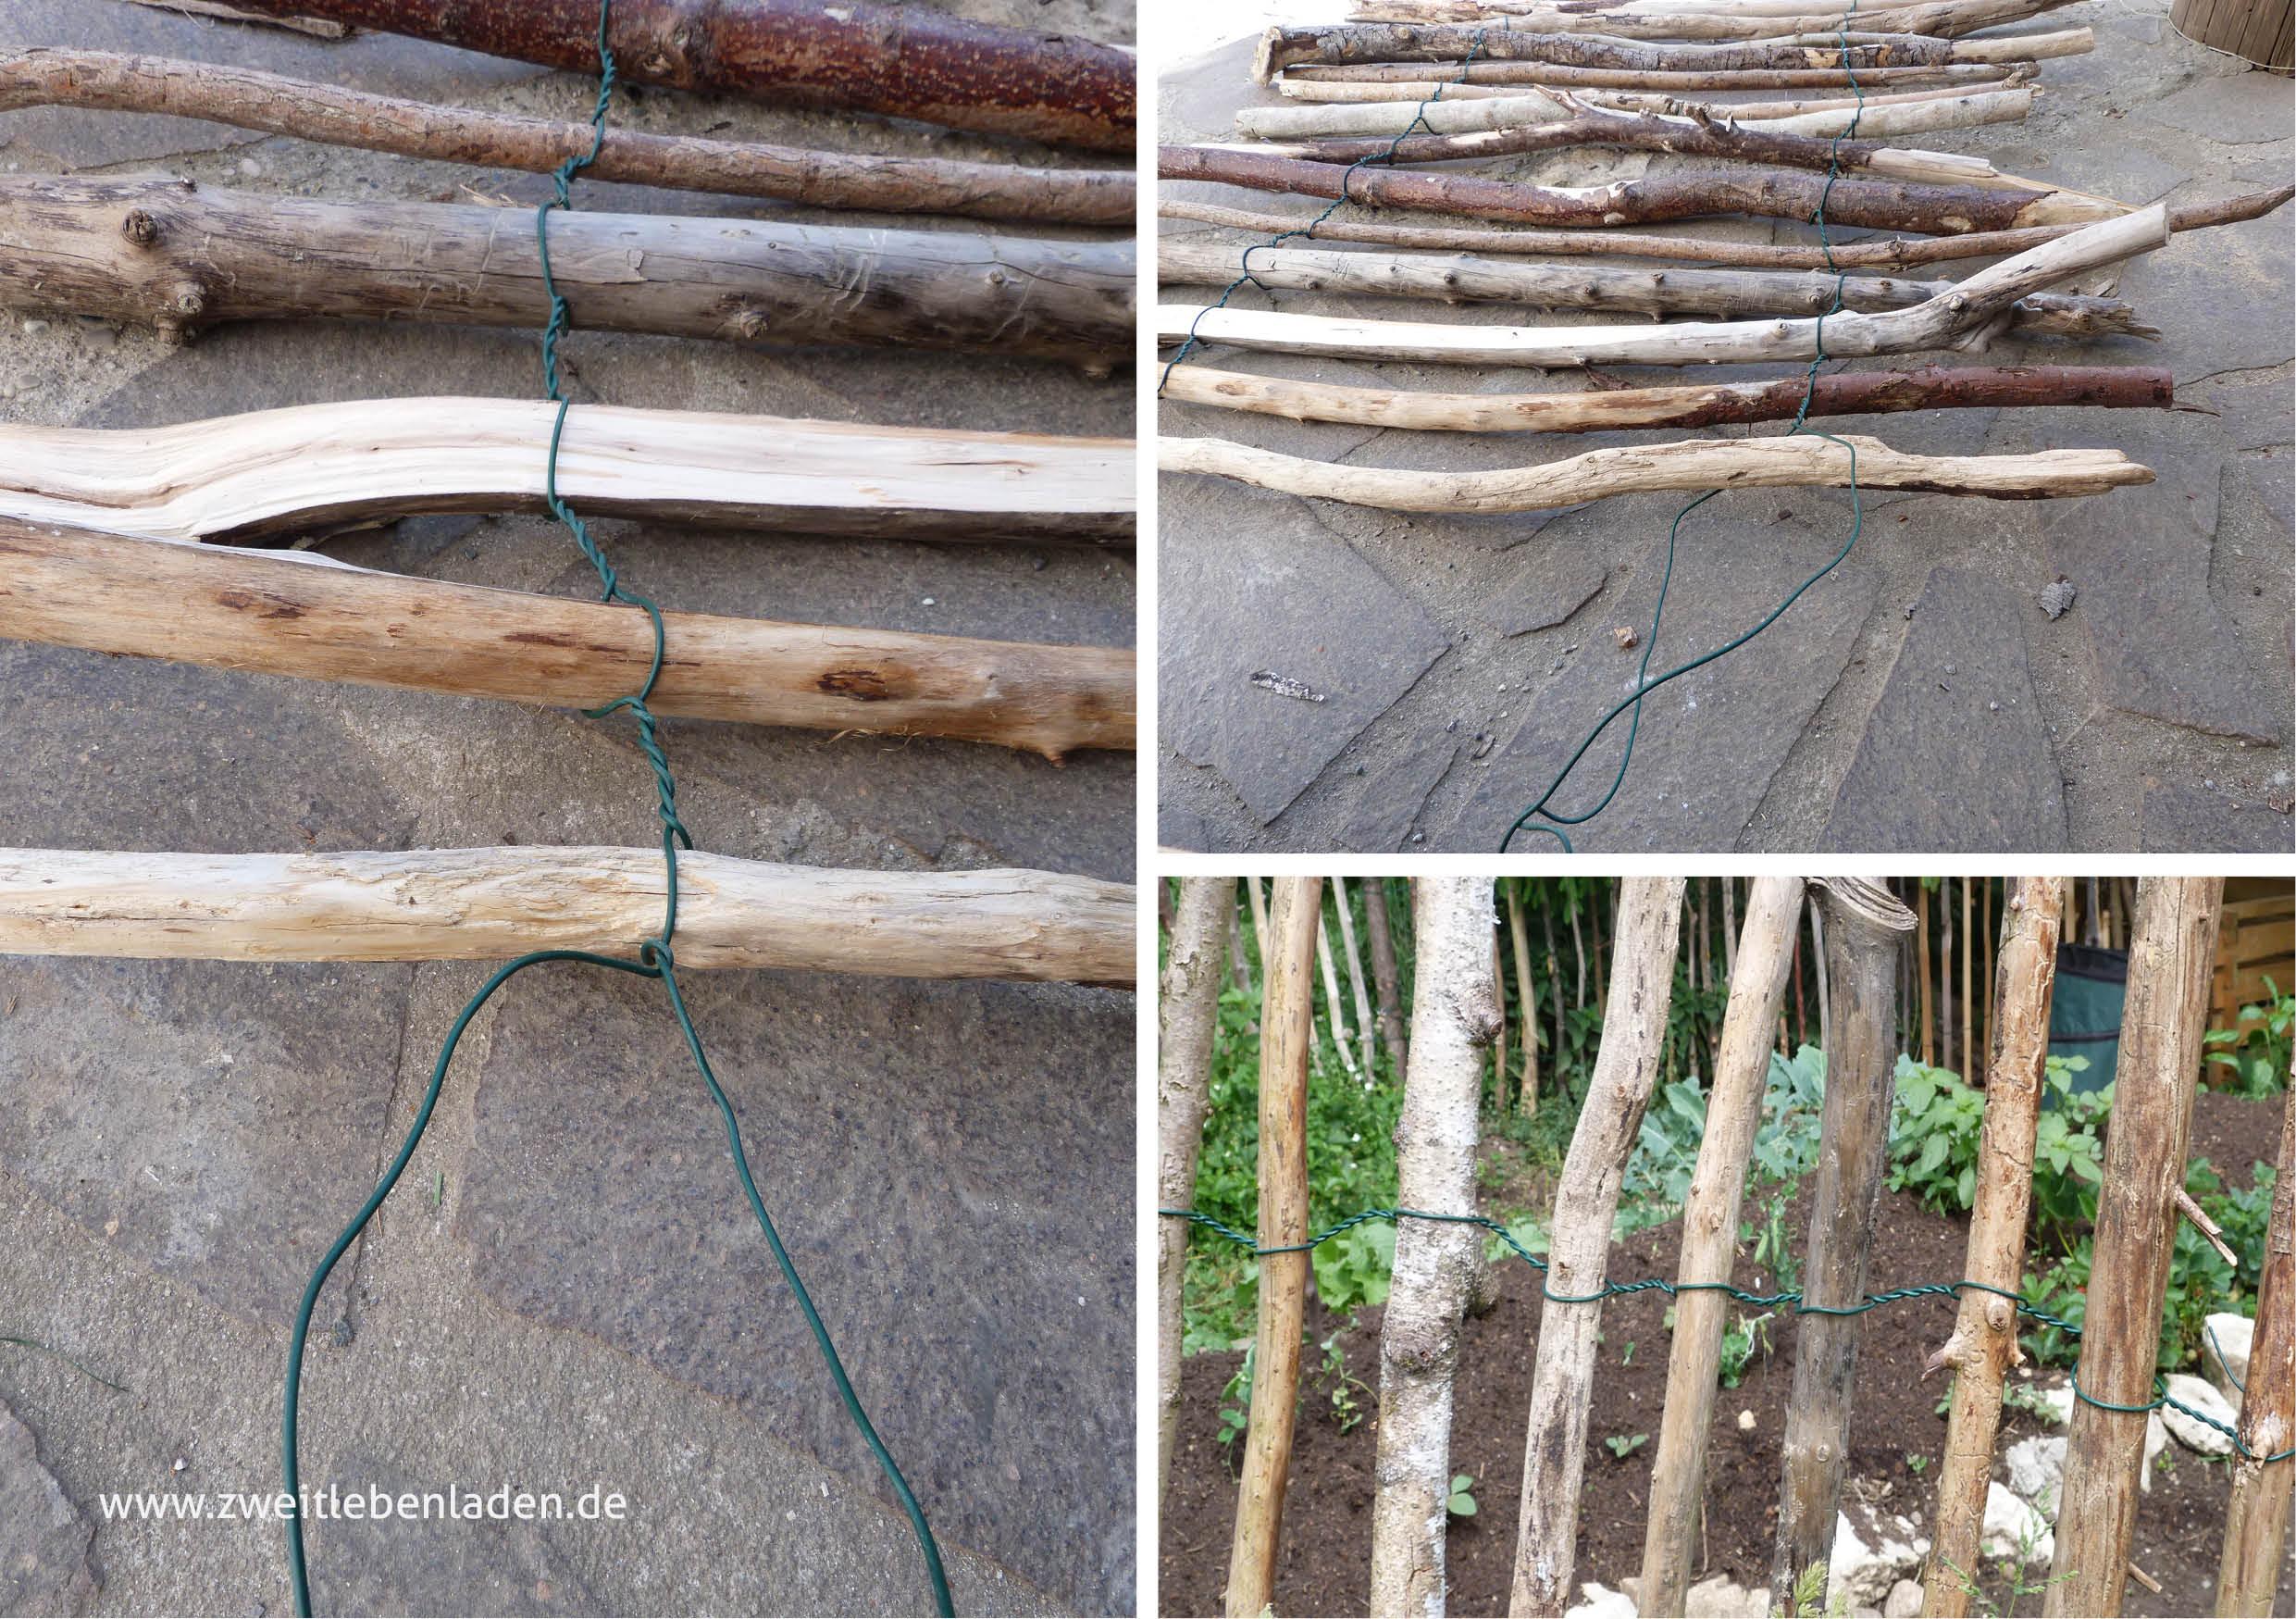 Gartenzaun selber bauen - Technik Staketenzaun